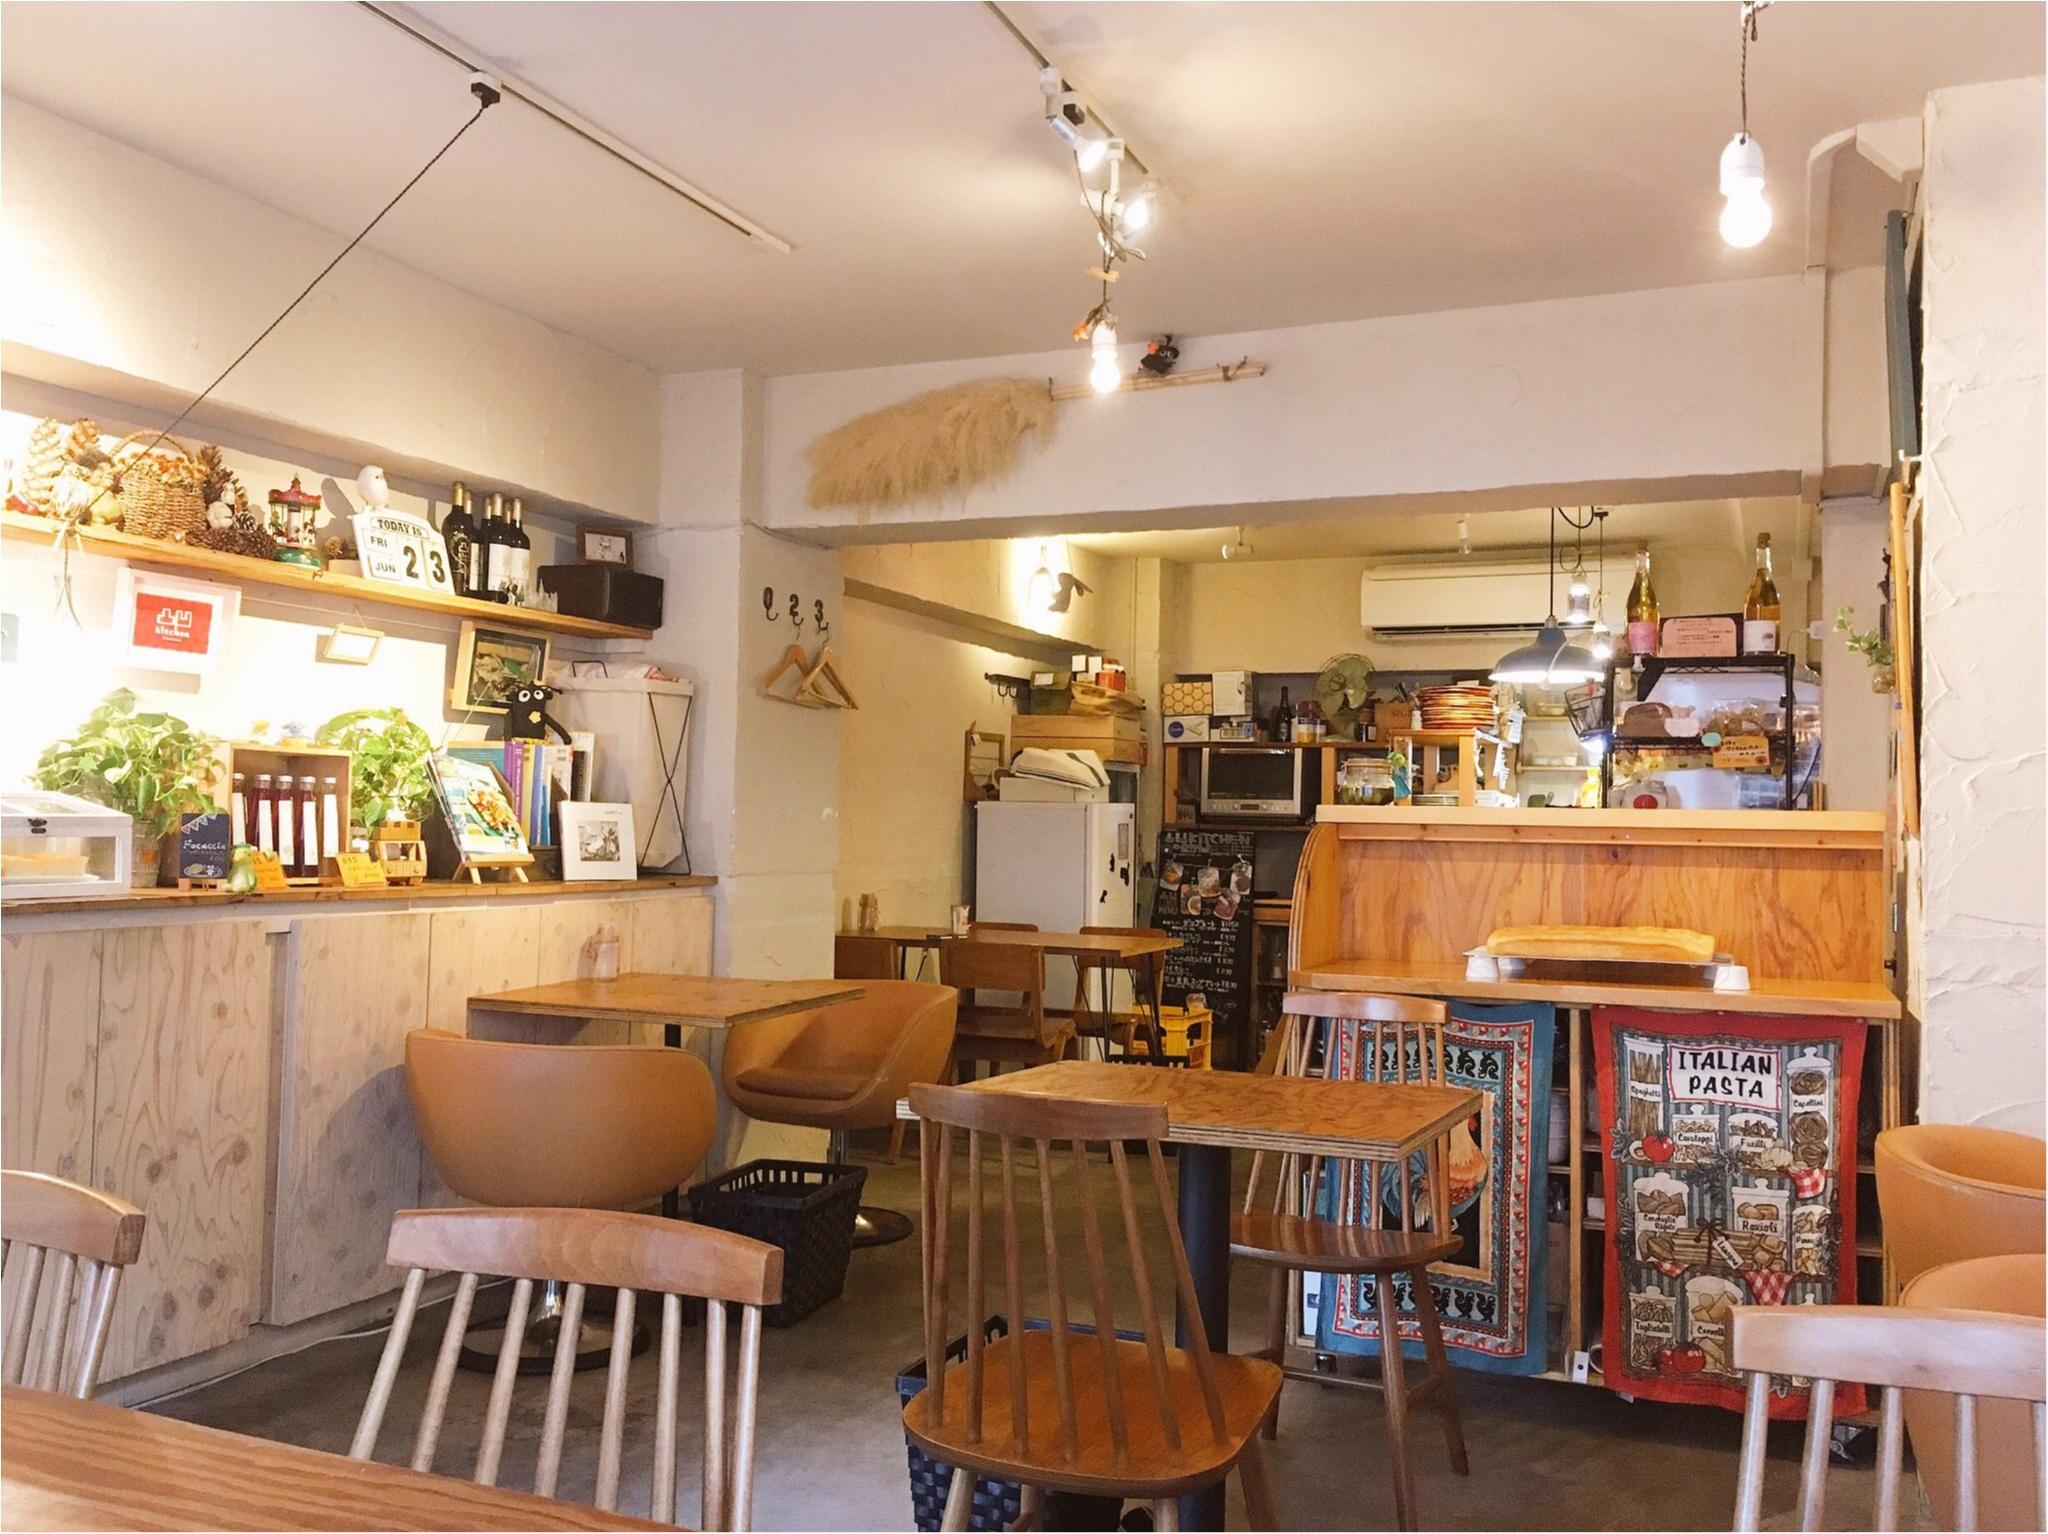 高田馬場の路地裏カフェ『凸凹キッチン』がナチュラルかわいい♡_3